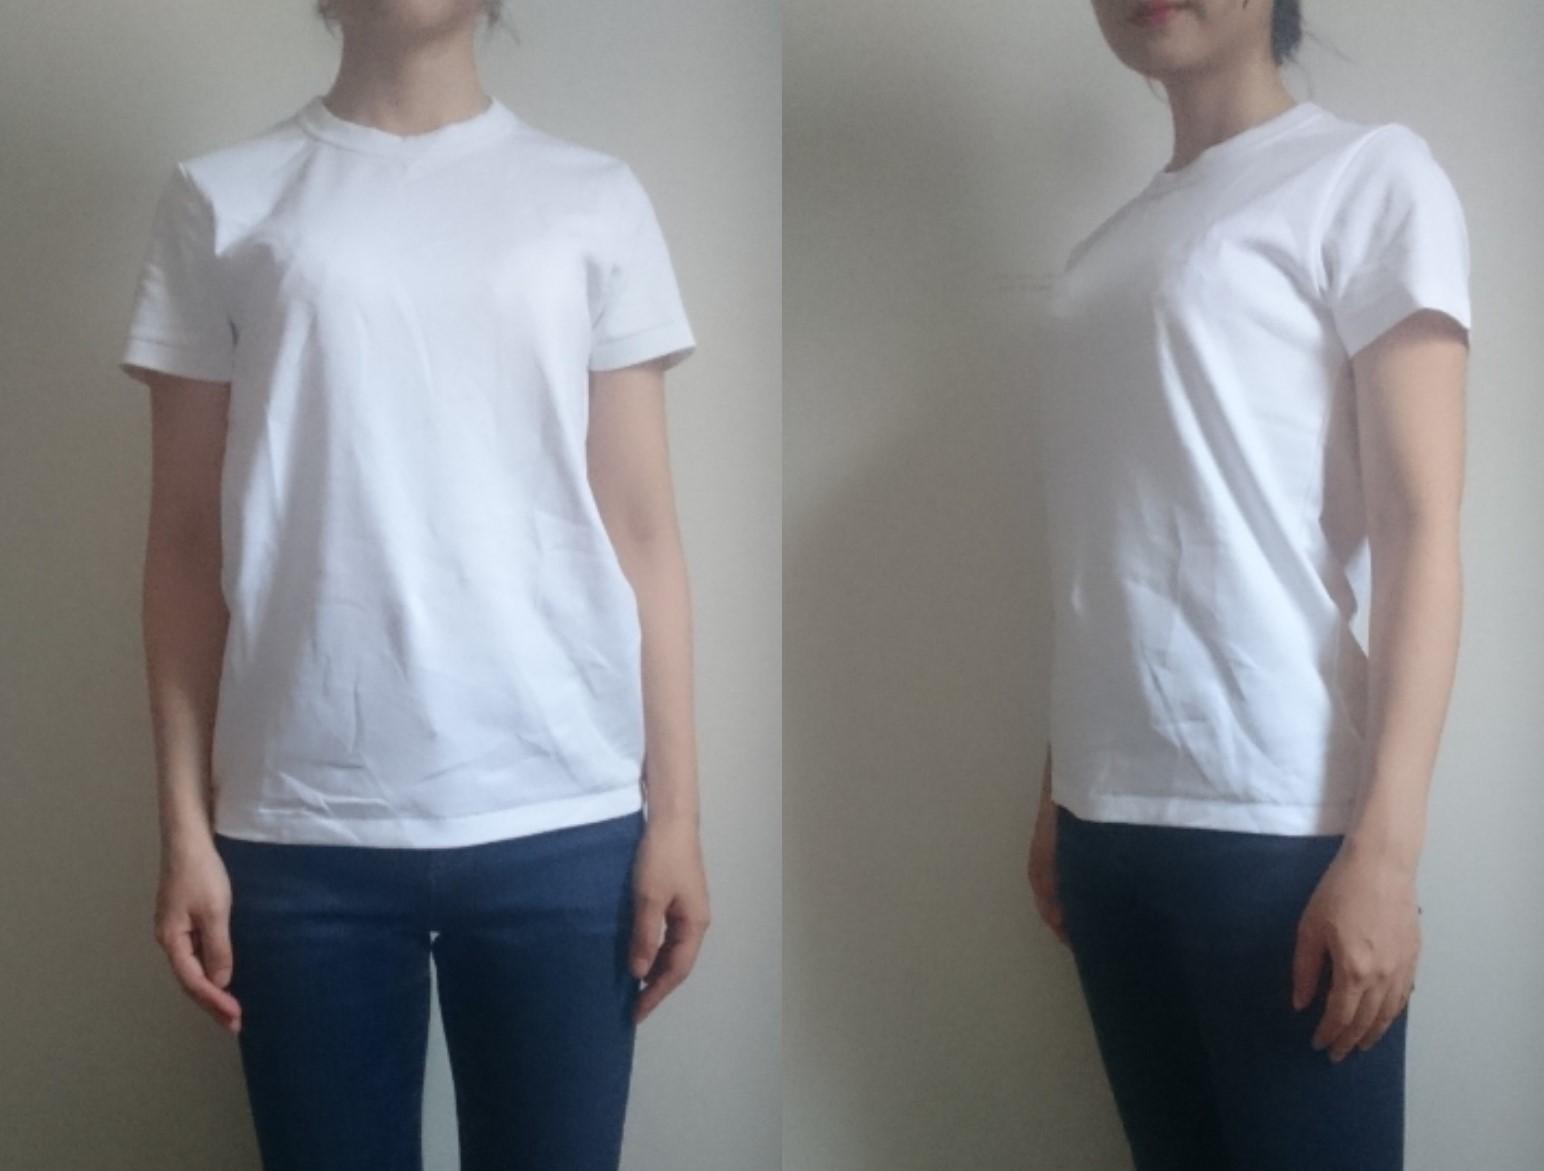 ユニクロのTシャツ特集 - UTやユニクロ ユーなど、夏の定番無地Tシャツ、限定コラボTシャツまとめ_20